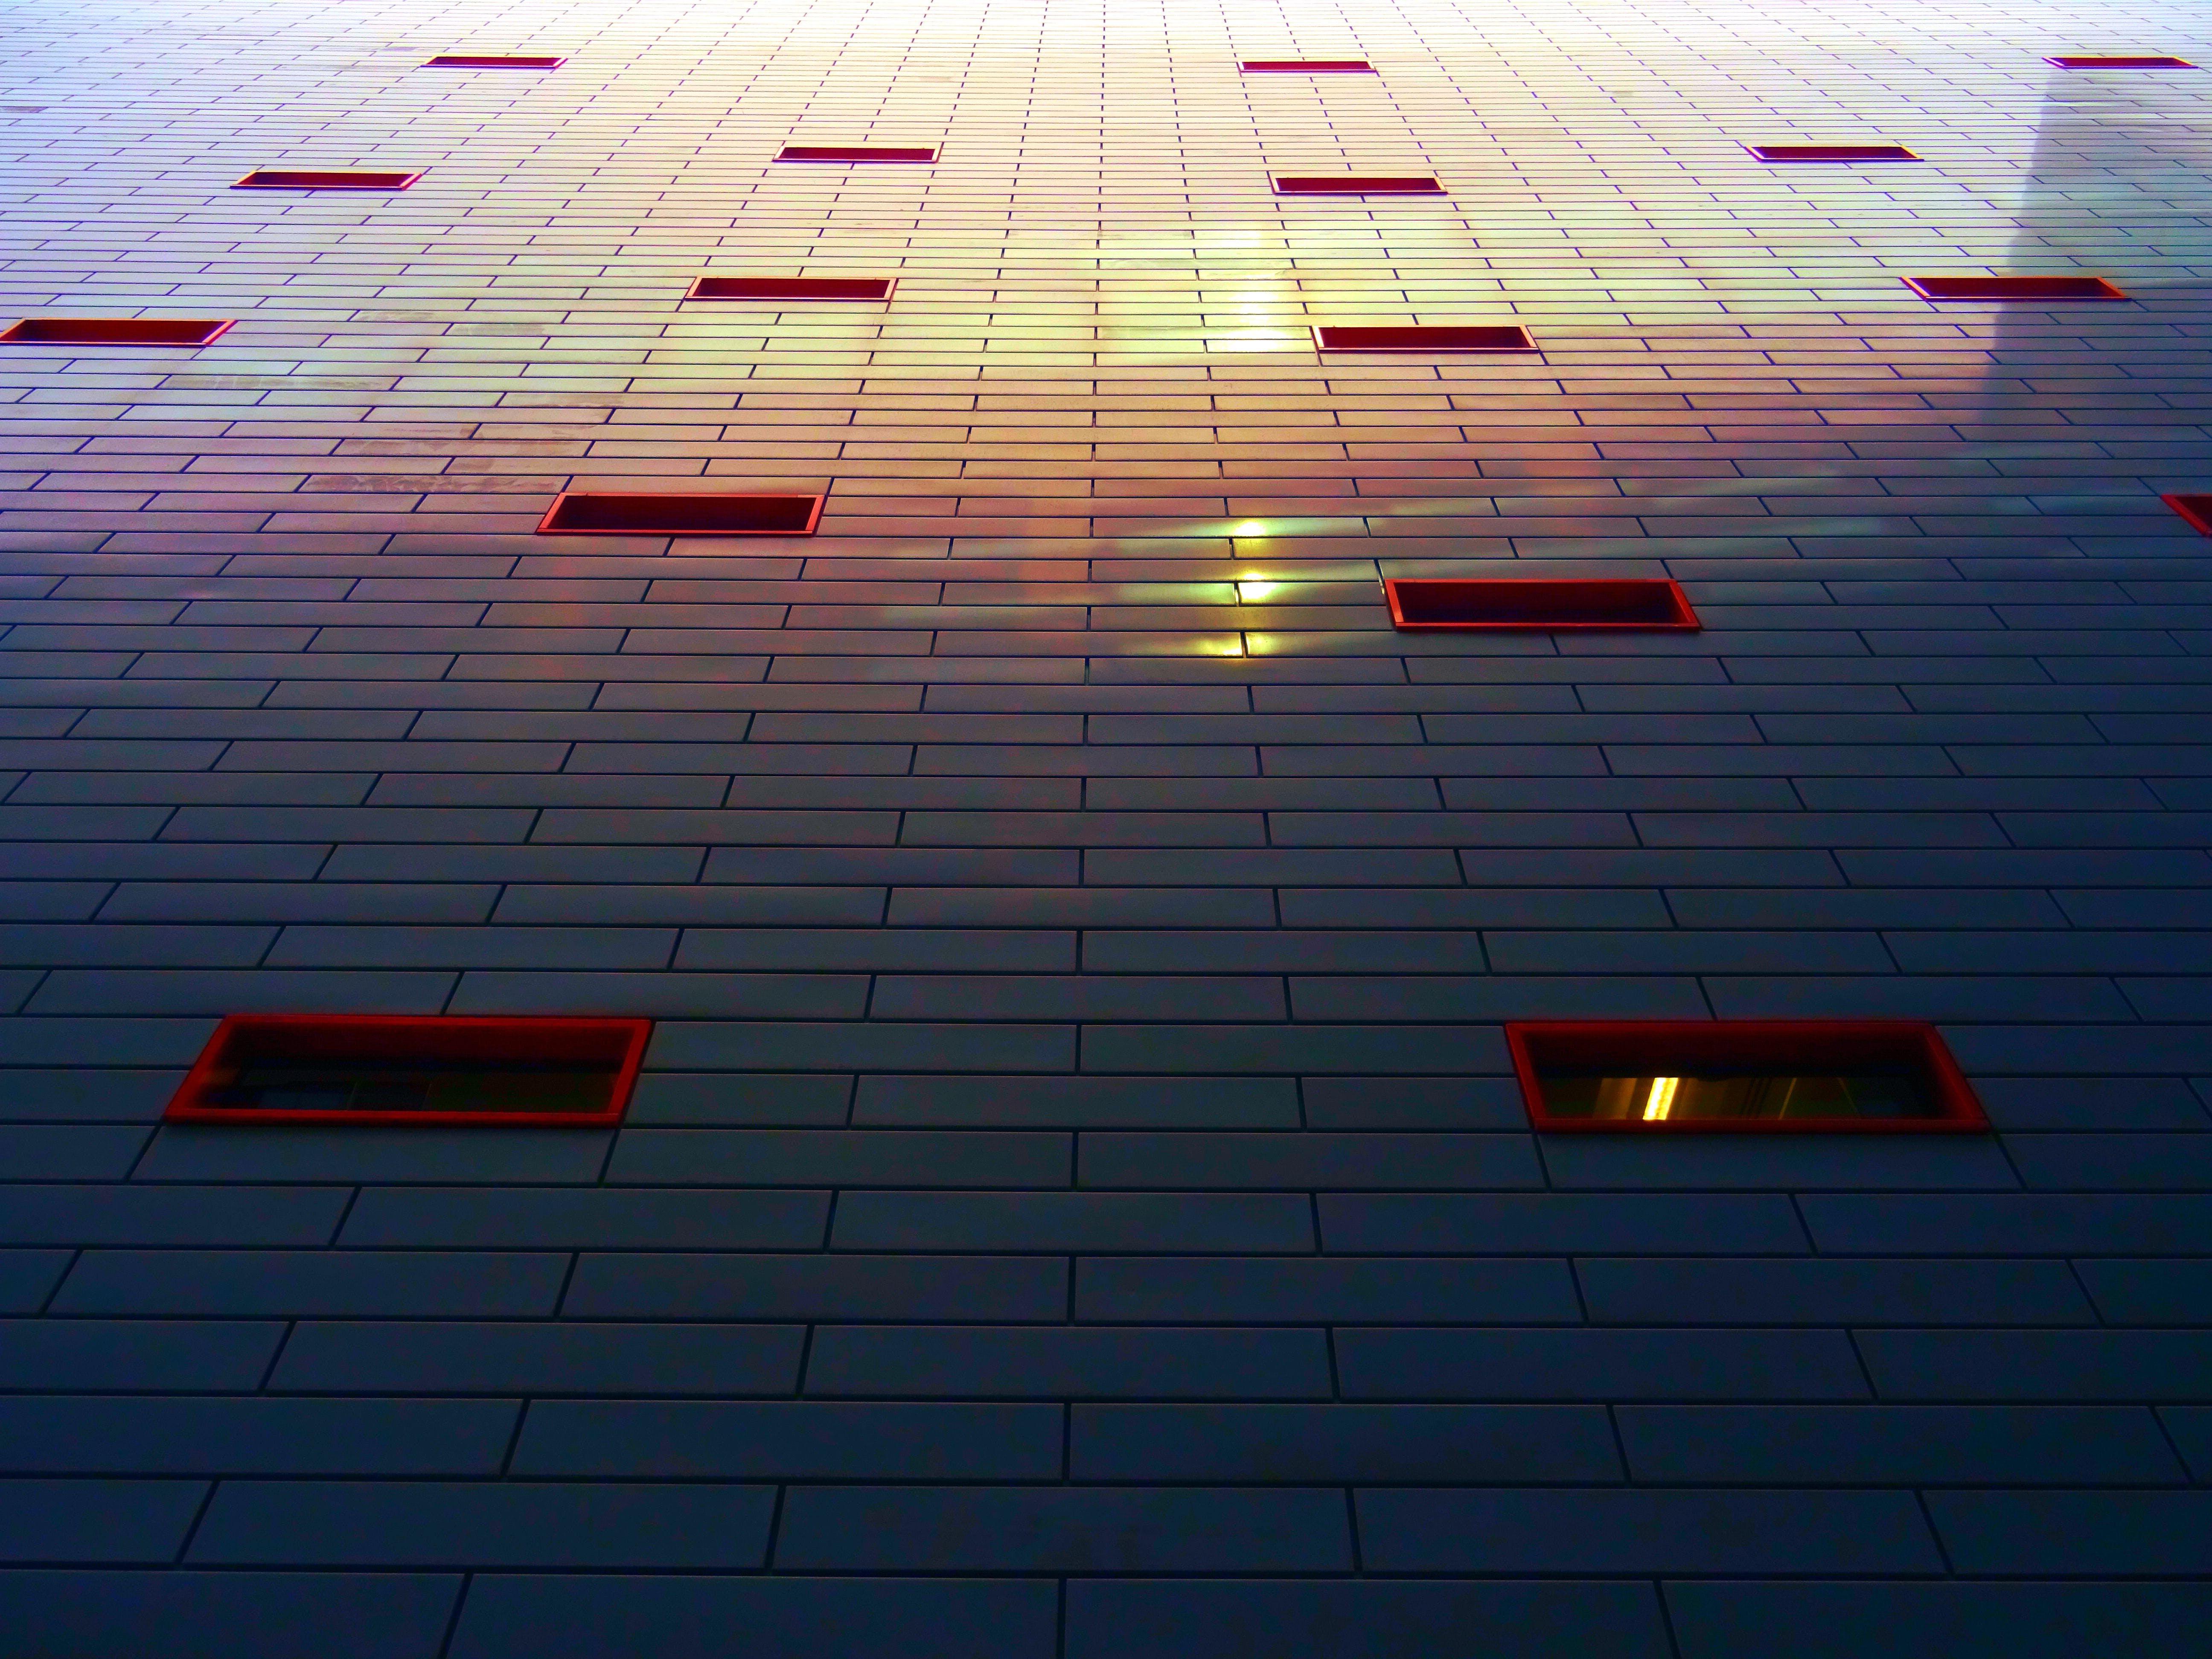 ダーク, パターン, モダン, ライトの無料の写真素材